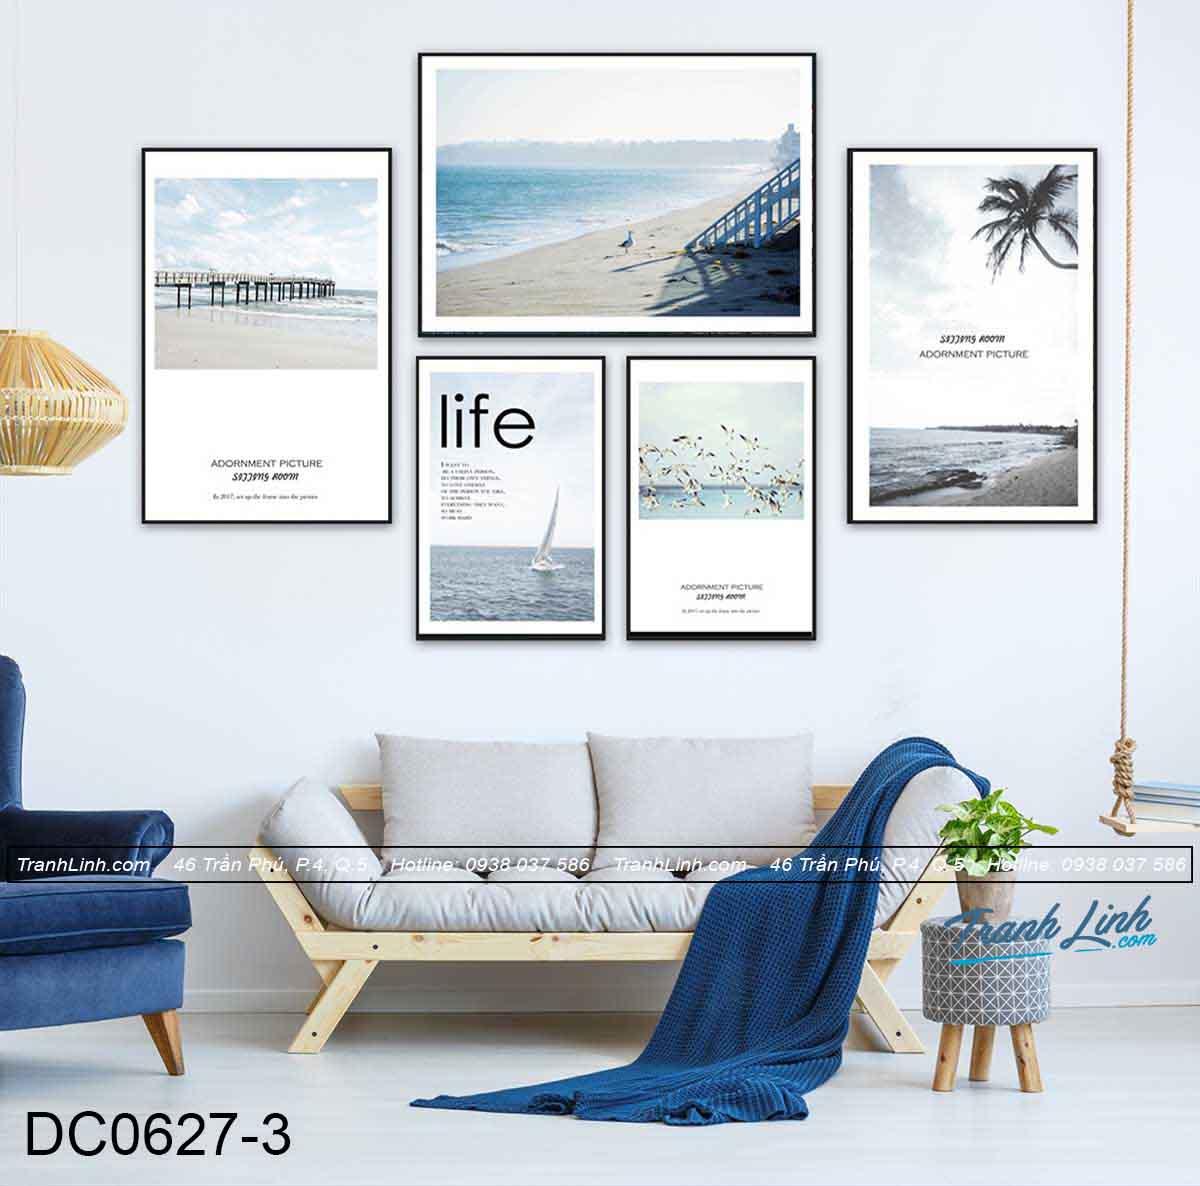 bo-tranh-canvas-treo-tuong-trang-tri-hoa-tiet-decor-dc0627-1.jpg